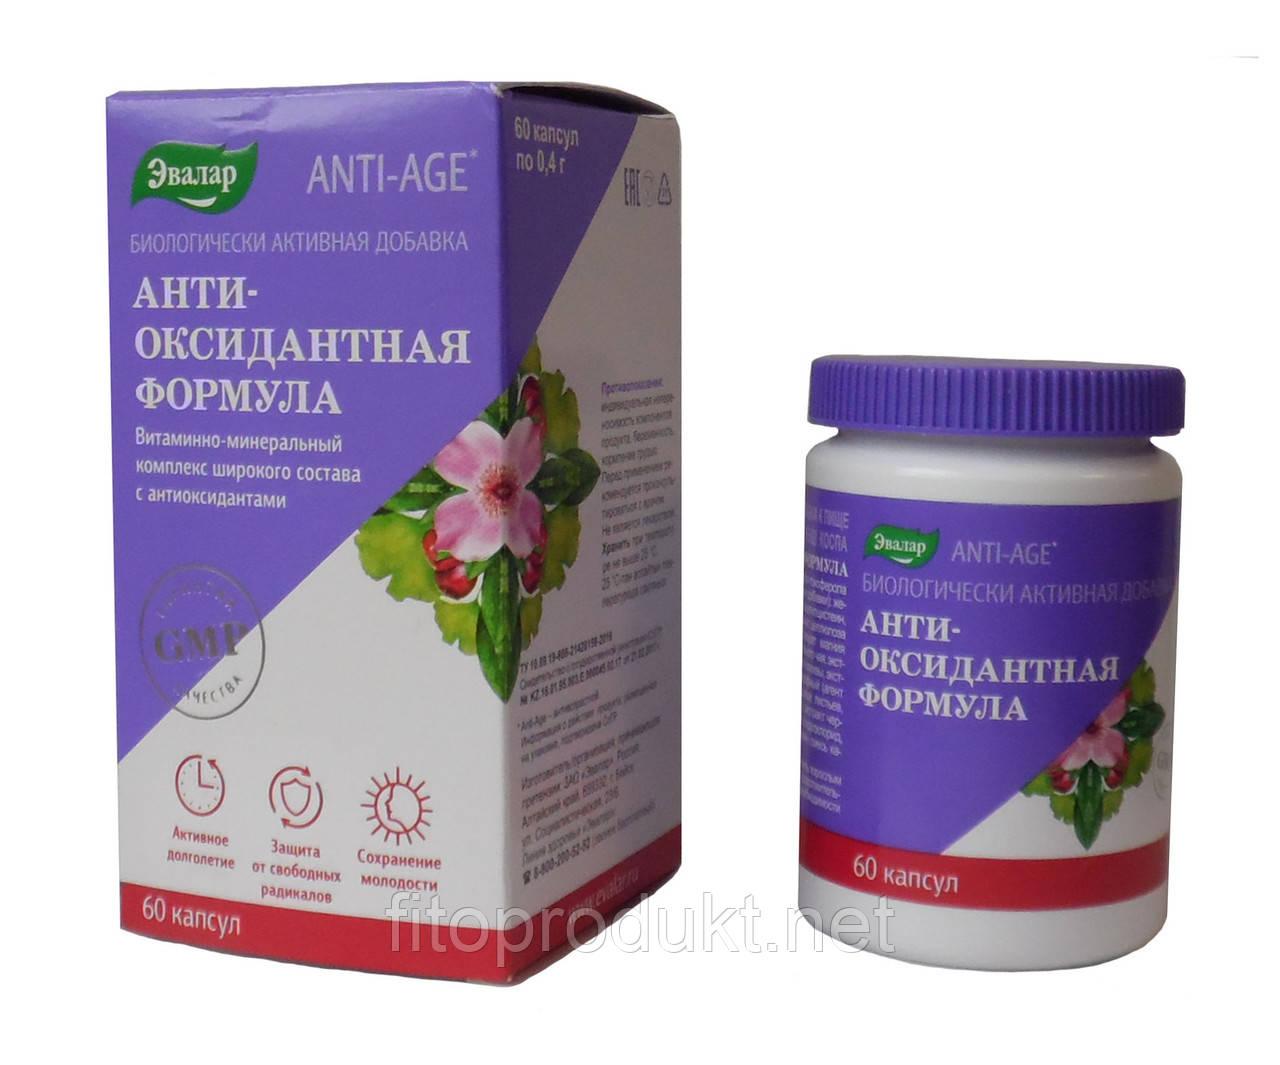 Антиоксидантная формула витаминно-минеральный комплекс №60 Эвалар